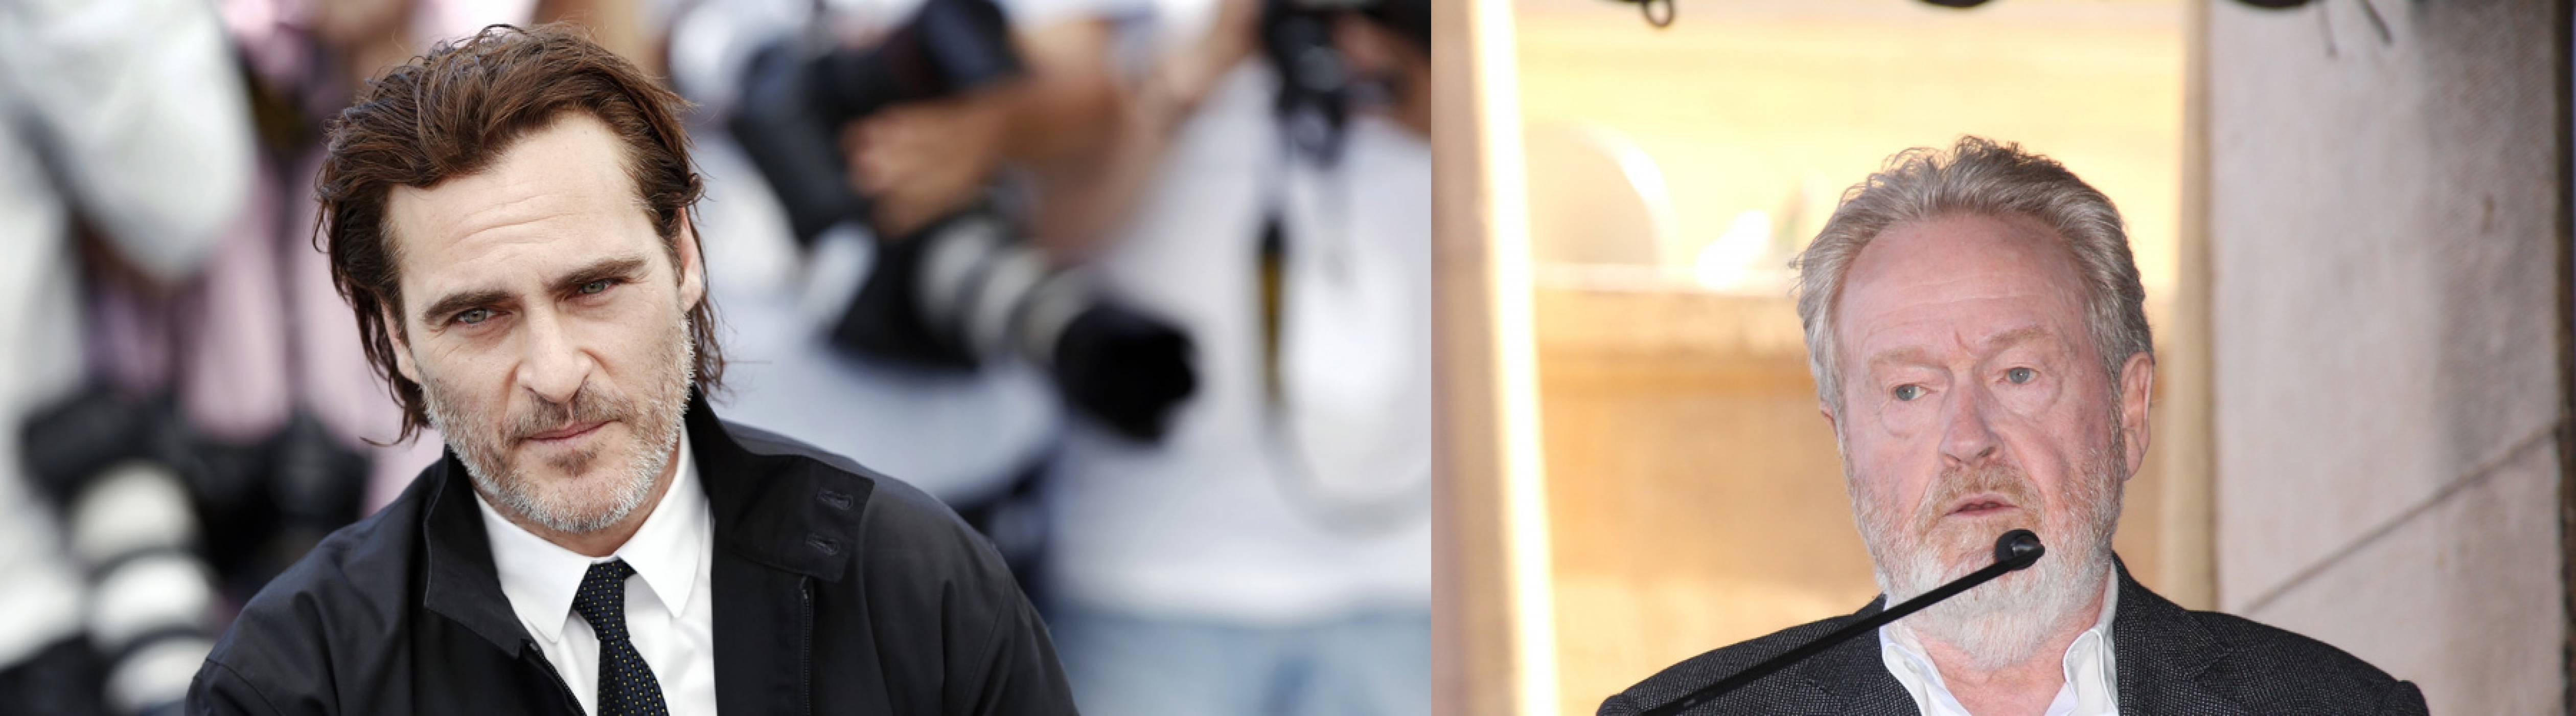 Хоакин Финикс ще изиграе Наполеон в новата лента на Ридли Скот